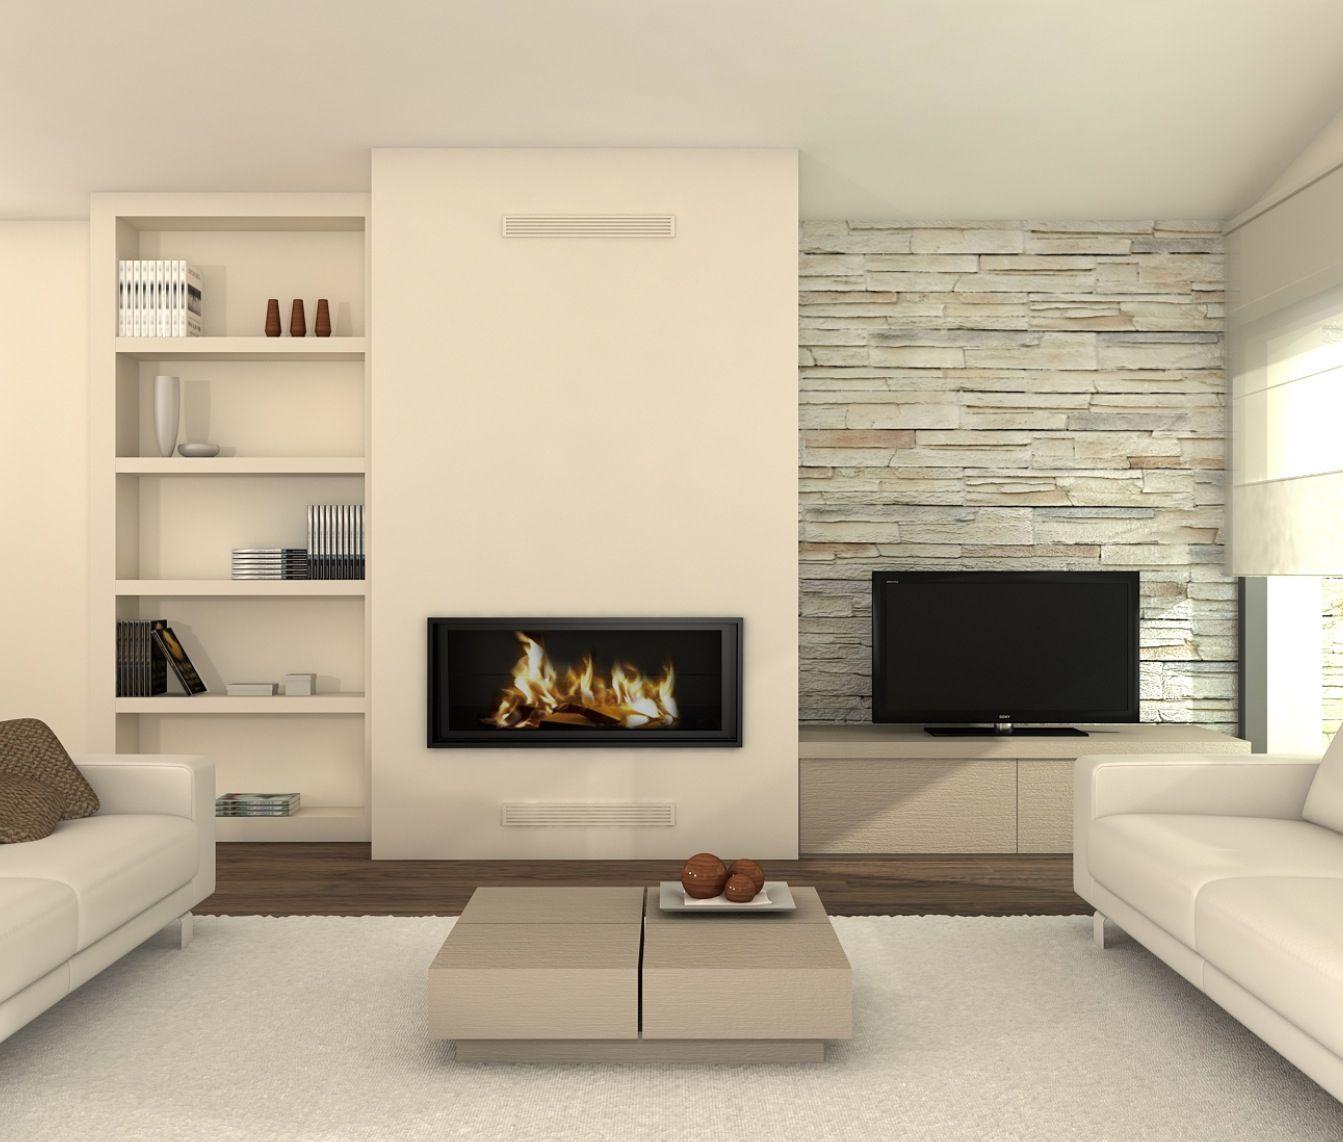 idea para chimenea contemporánea fireplace decoration